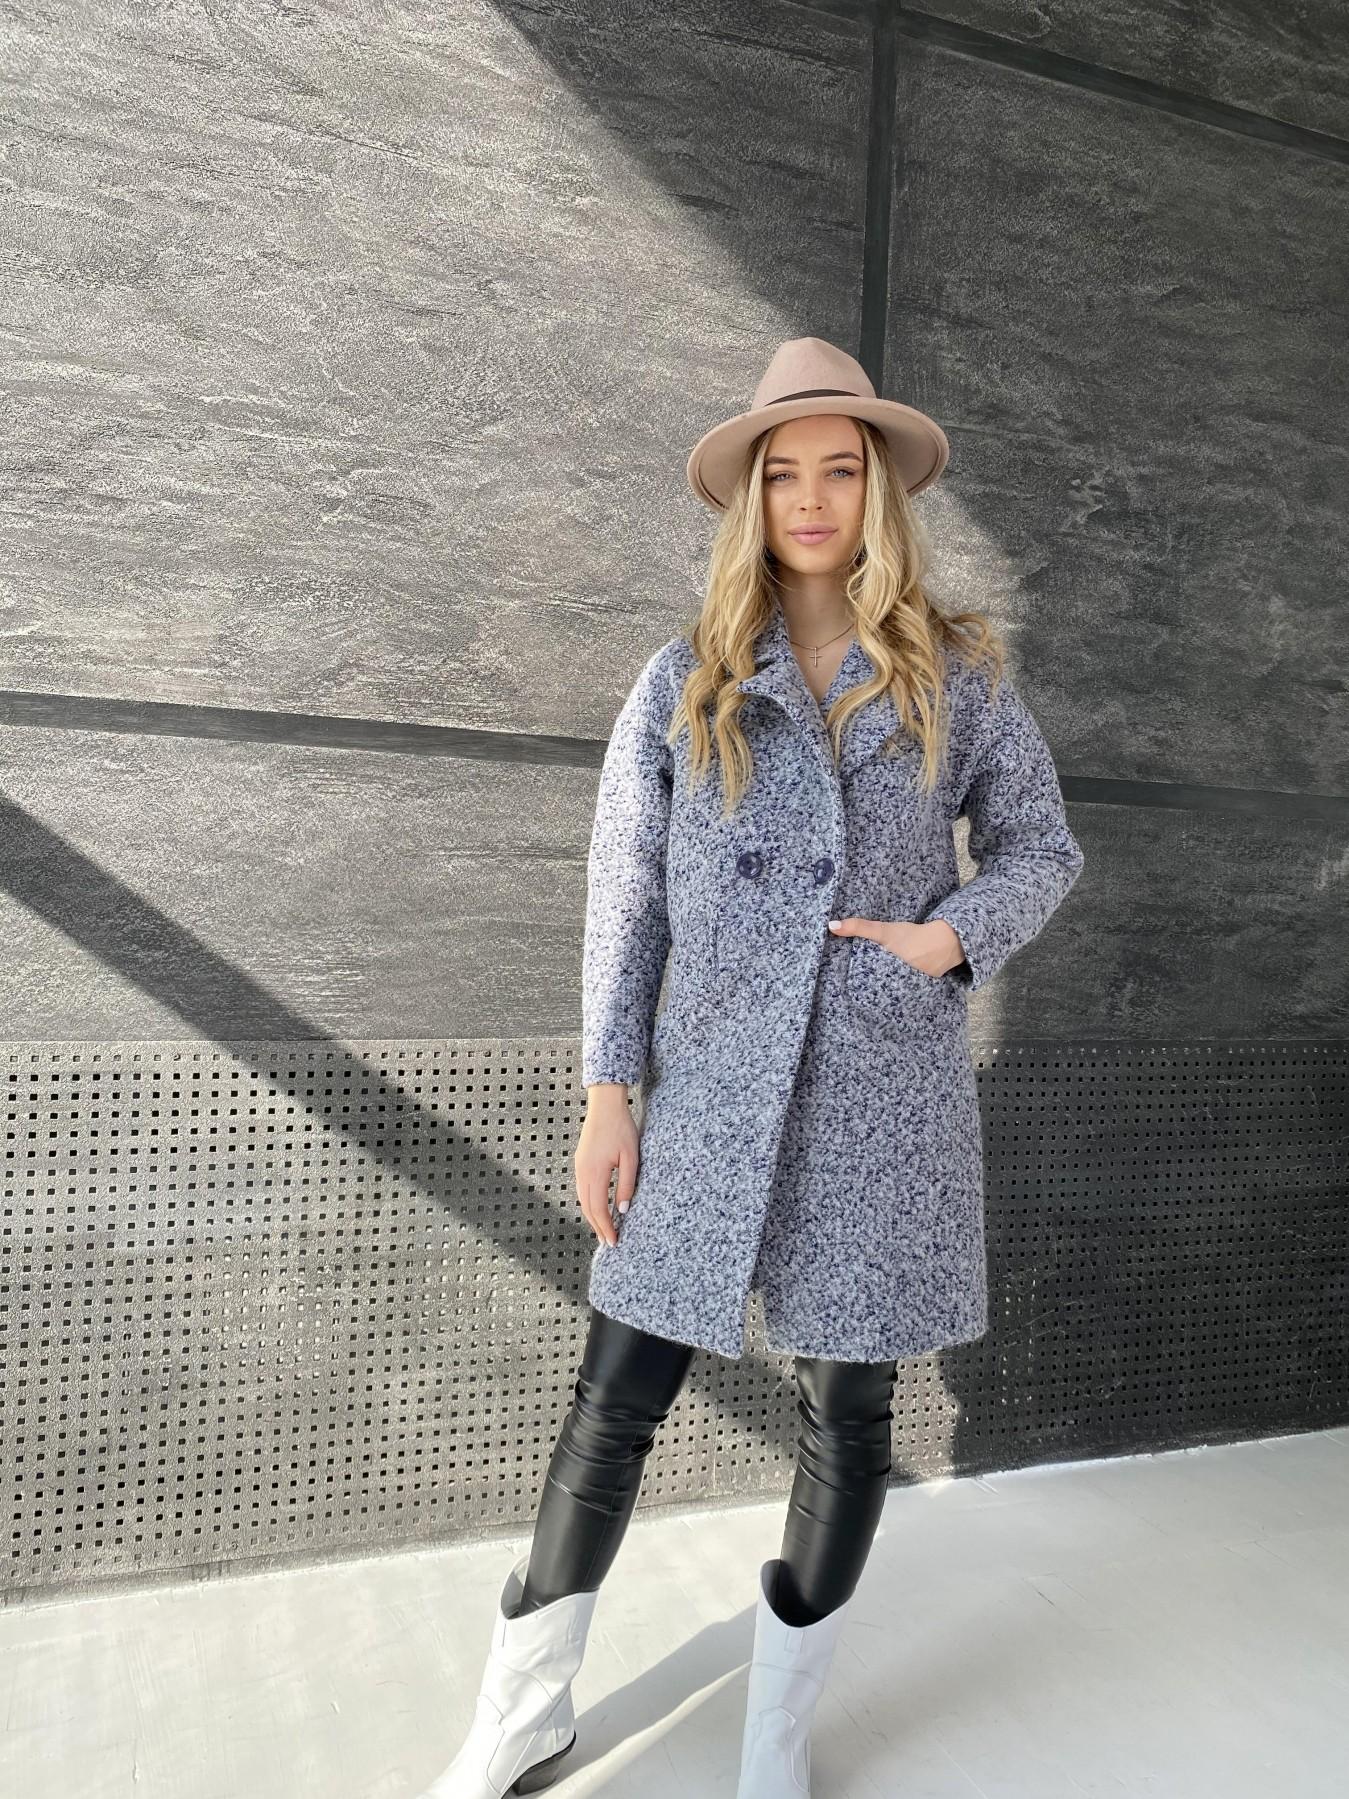 Сенсей пальто из шерсти букле 10780 АРТ. 47234 Цвет: Серо-голубой 60 - фото 1, интернет магазин tm-modus.ru